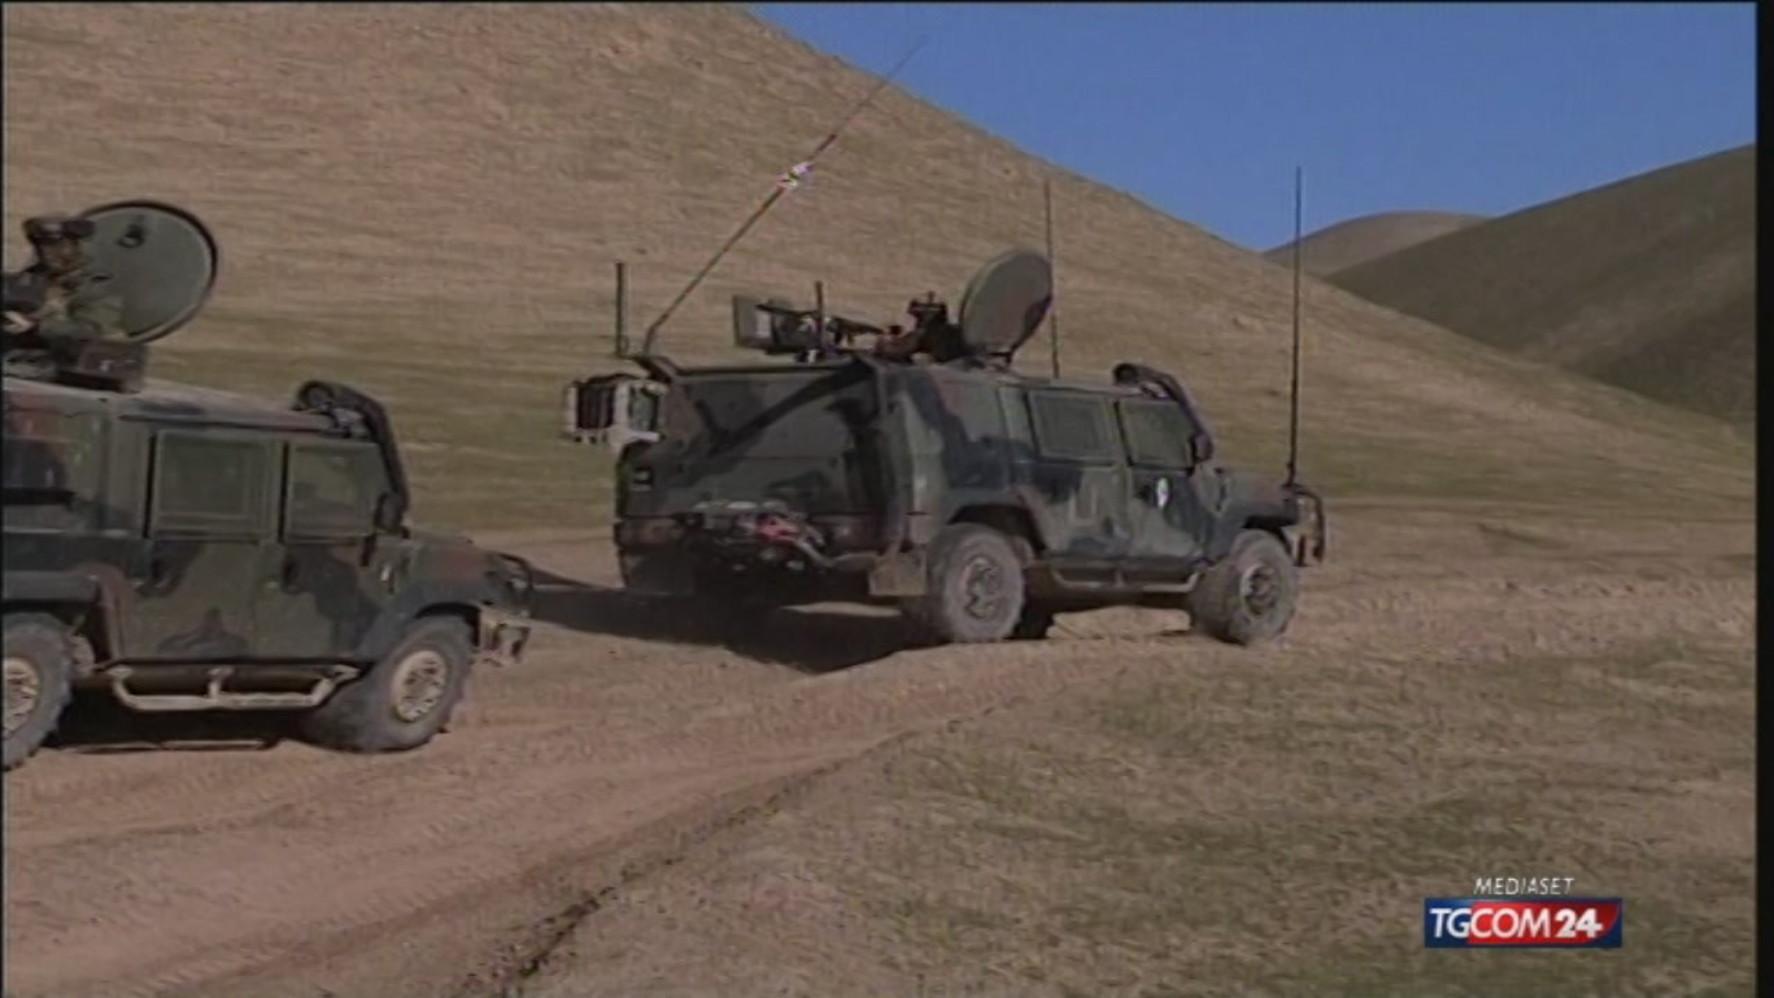 Attentato in Iraq, aereo con i militari feriti arrivato a Ciampino - TGCOM